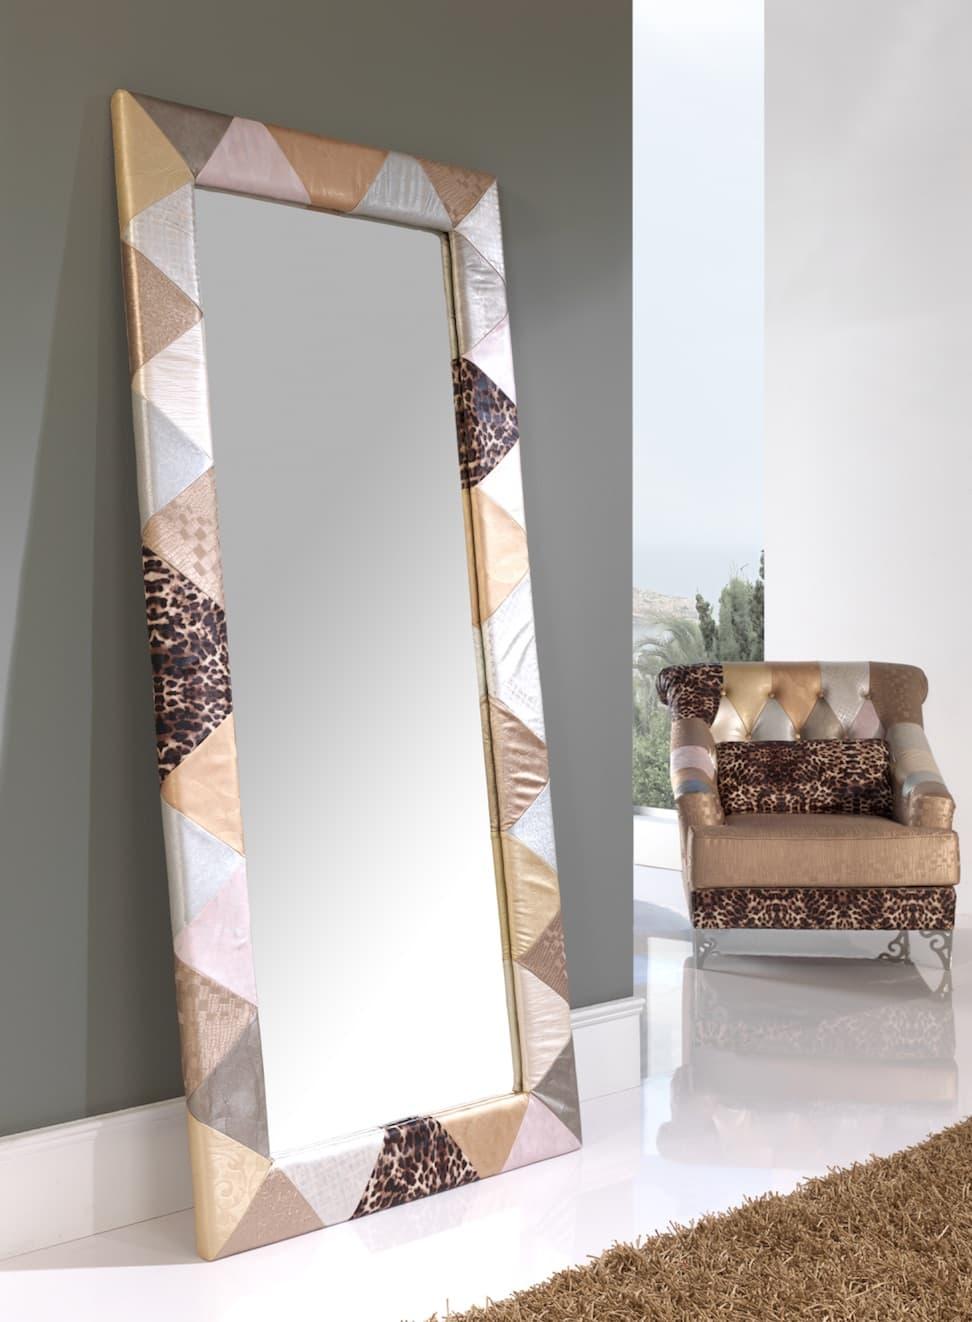 luminaire%20et%20deco miroir PATCHWORK 4798 2 Résultat Supérieur 16 Nouveau Grand Miroir Deco Galerie 2017 Kqk9